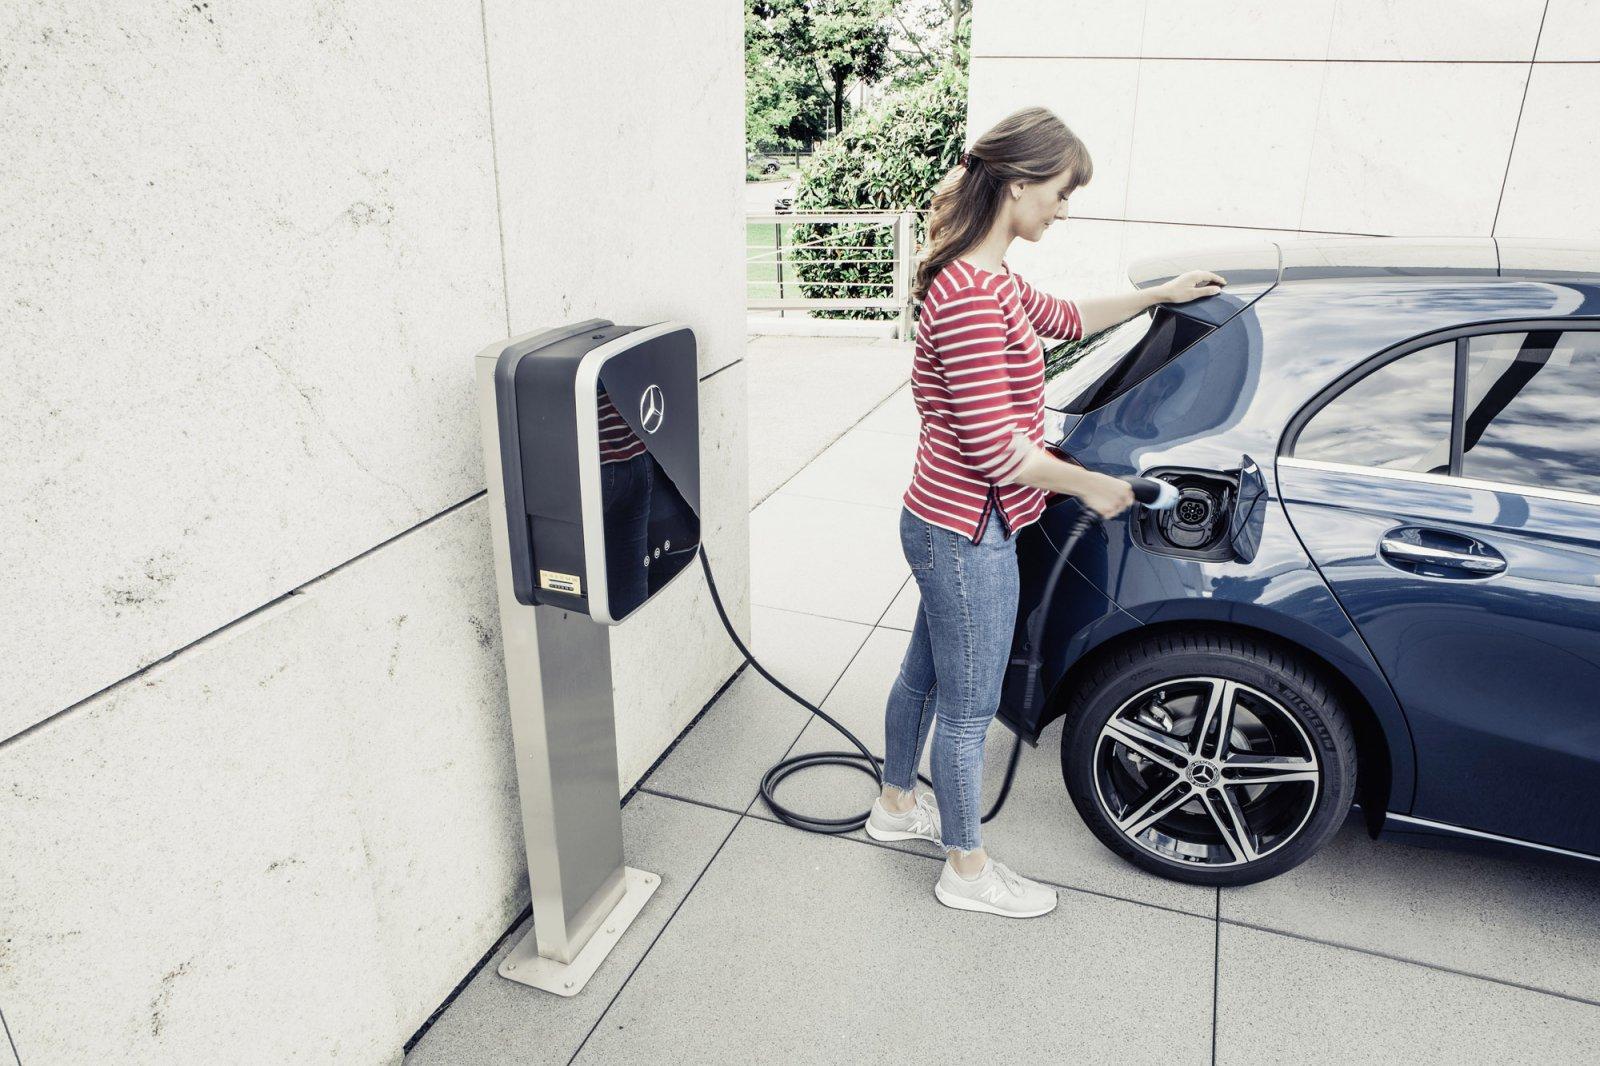 Som standard kan bilen laddas från växelström med Typ 2 kontakt och klarar då att ladda med 3,7 kW, men med 7,4 kW laddkapacitet (tillval 3.450 kr) kan den laddas fullt från 10 % på ca 1 timme och 45 minuter.